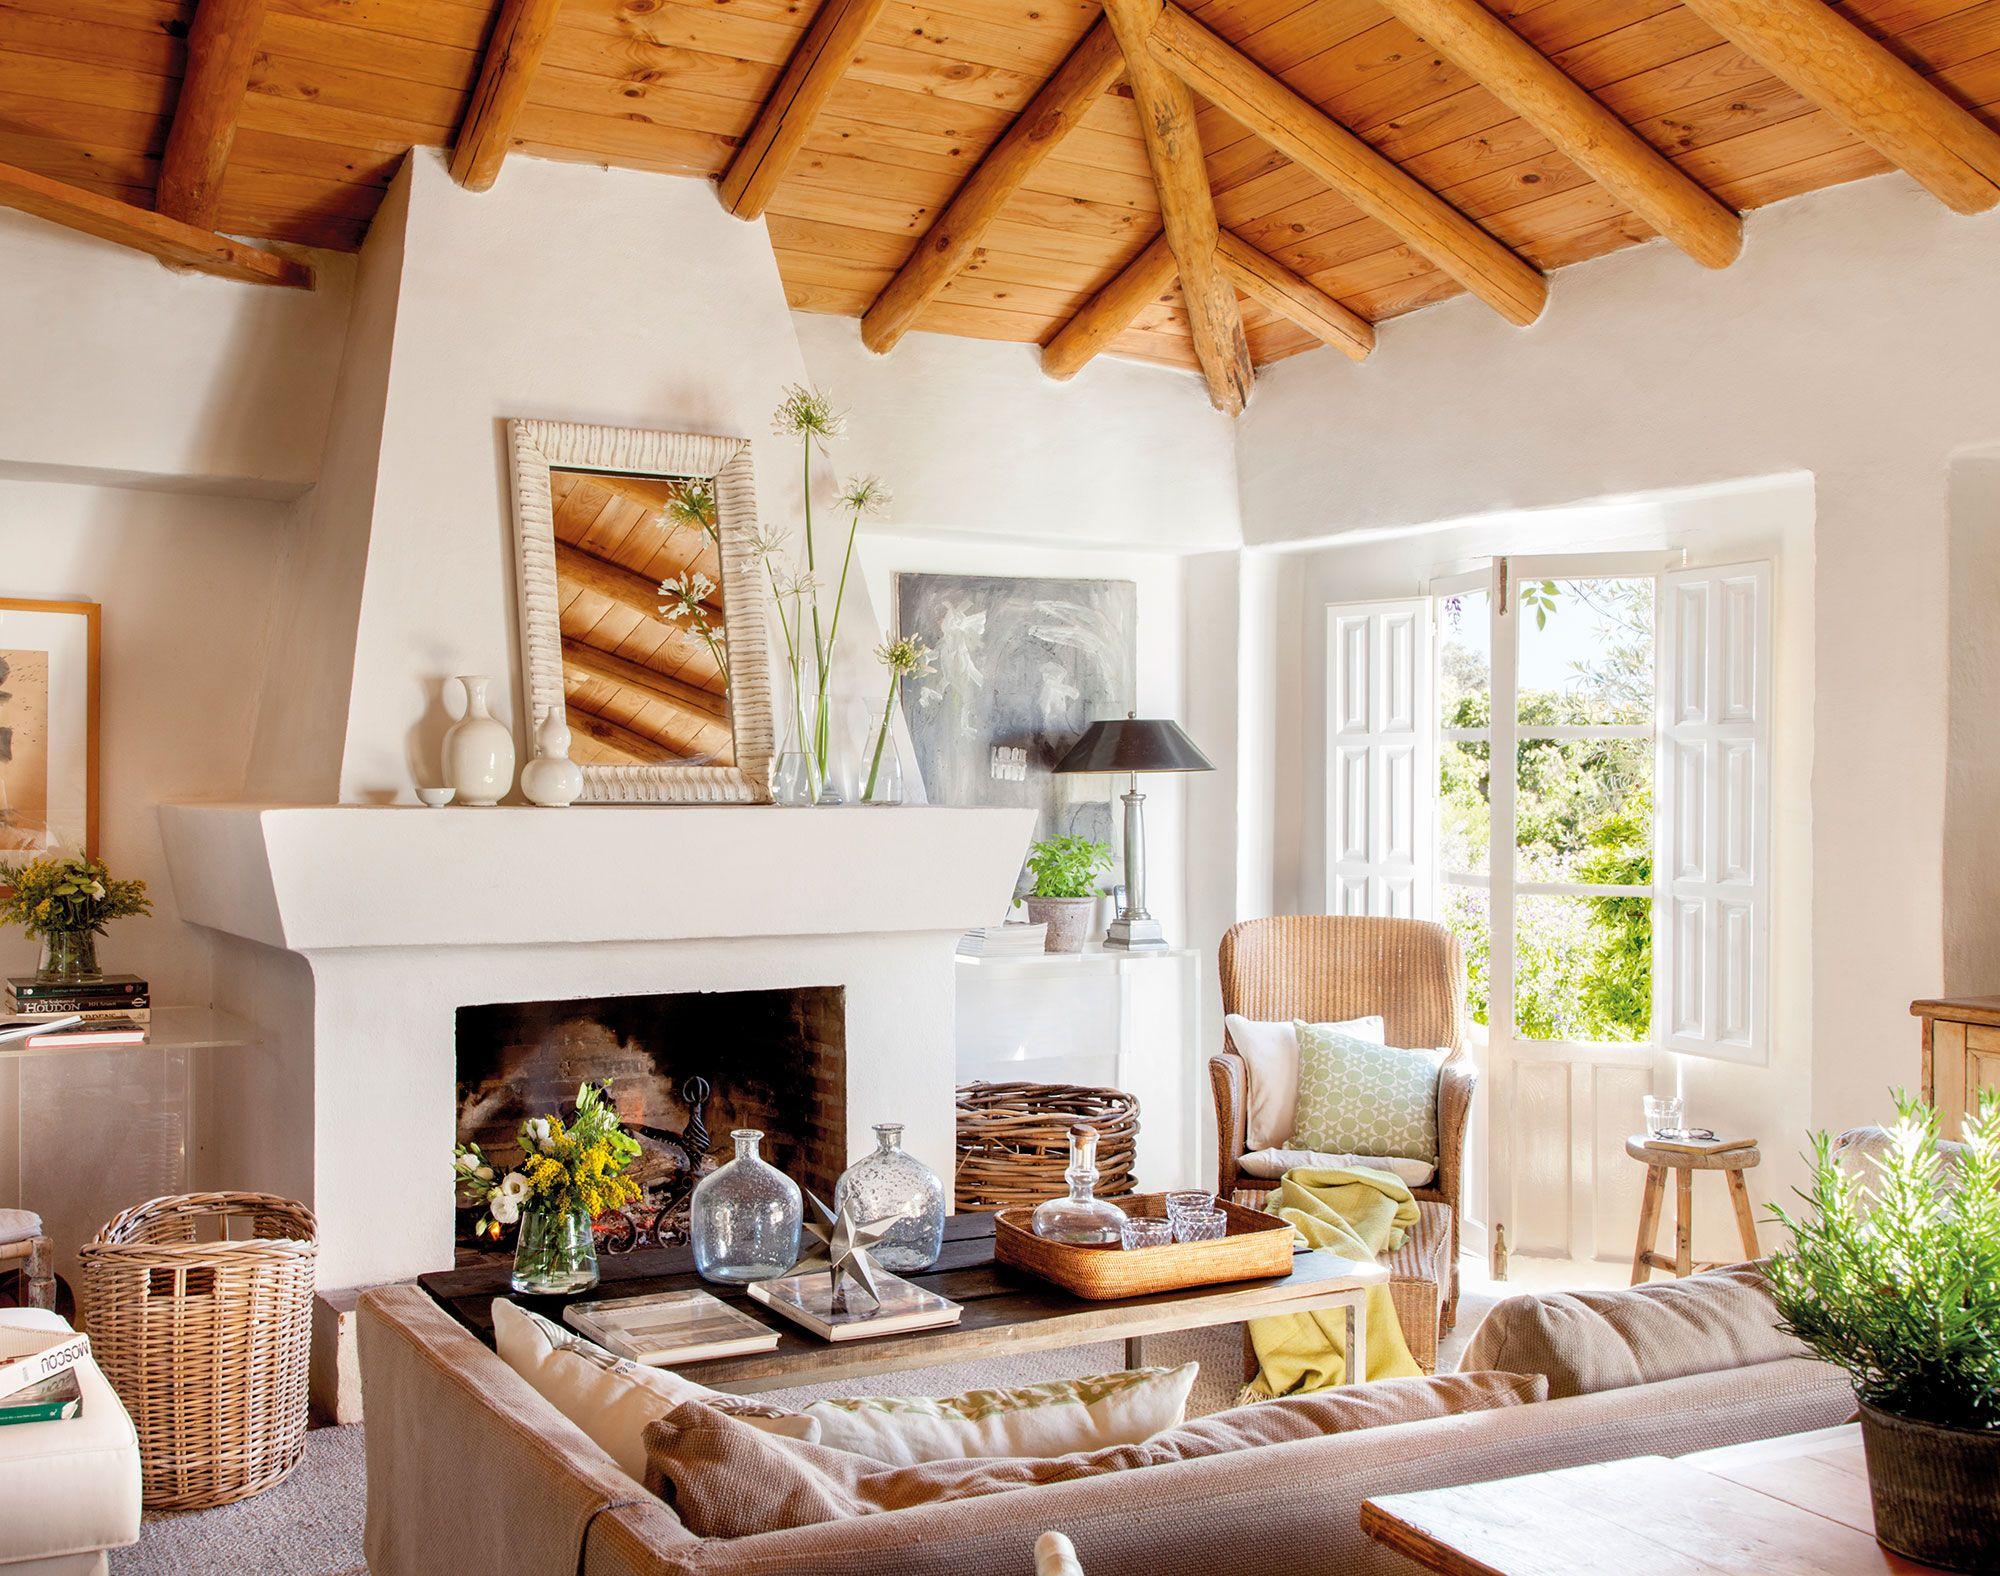 Sal n r stico campestre con gran chimenea techo de madera - Techos de madera rusticos ...